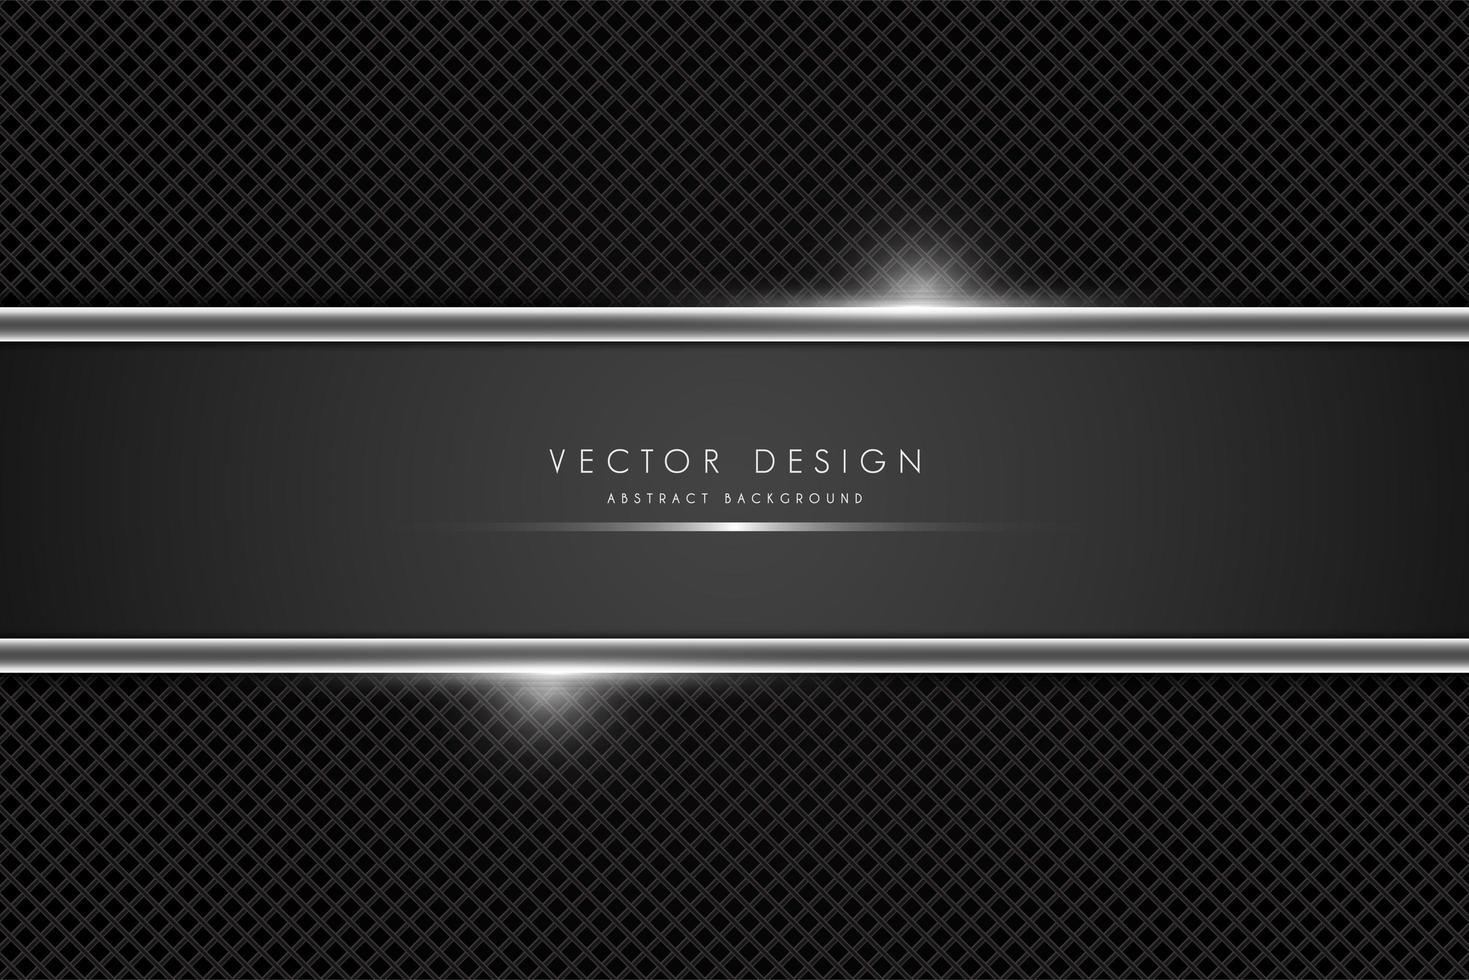 fibra di carbonio metallizzata e banner grigio con linee luminose vettore